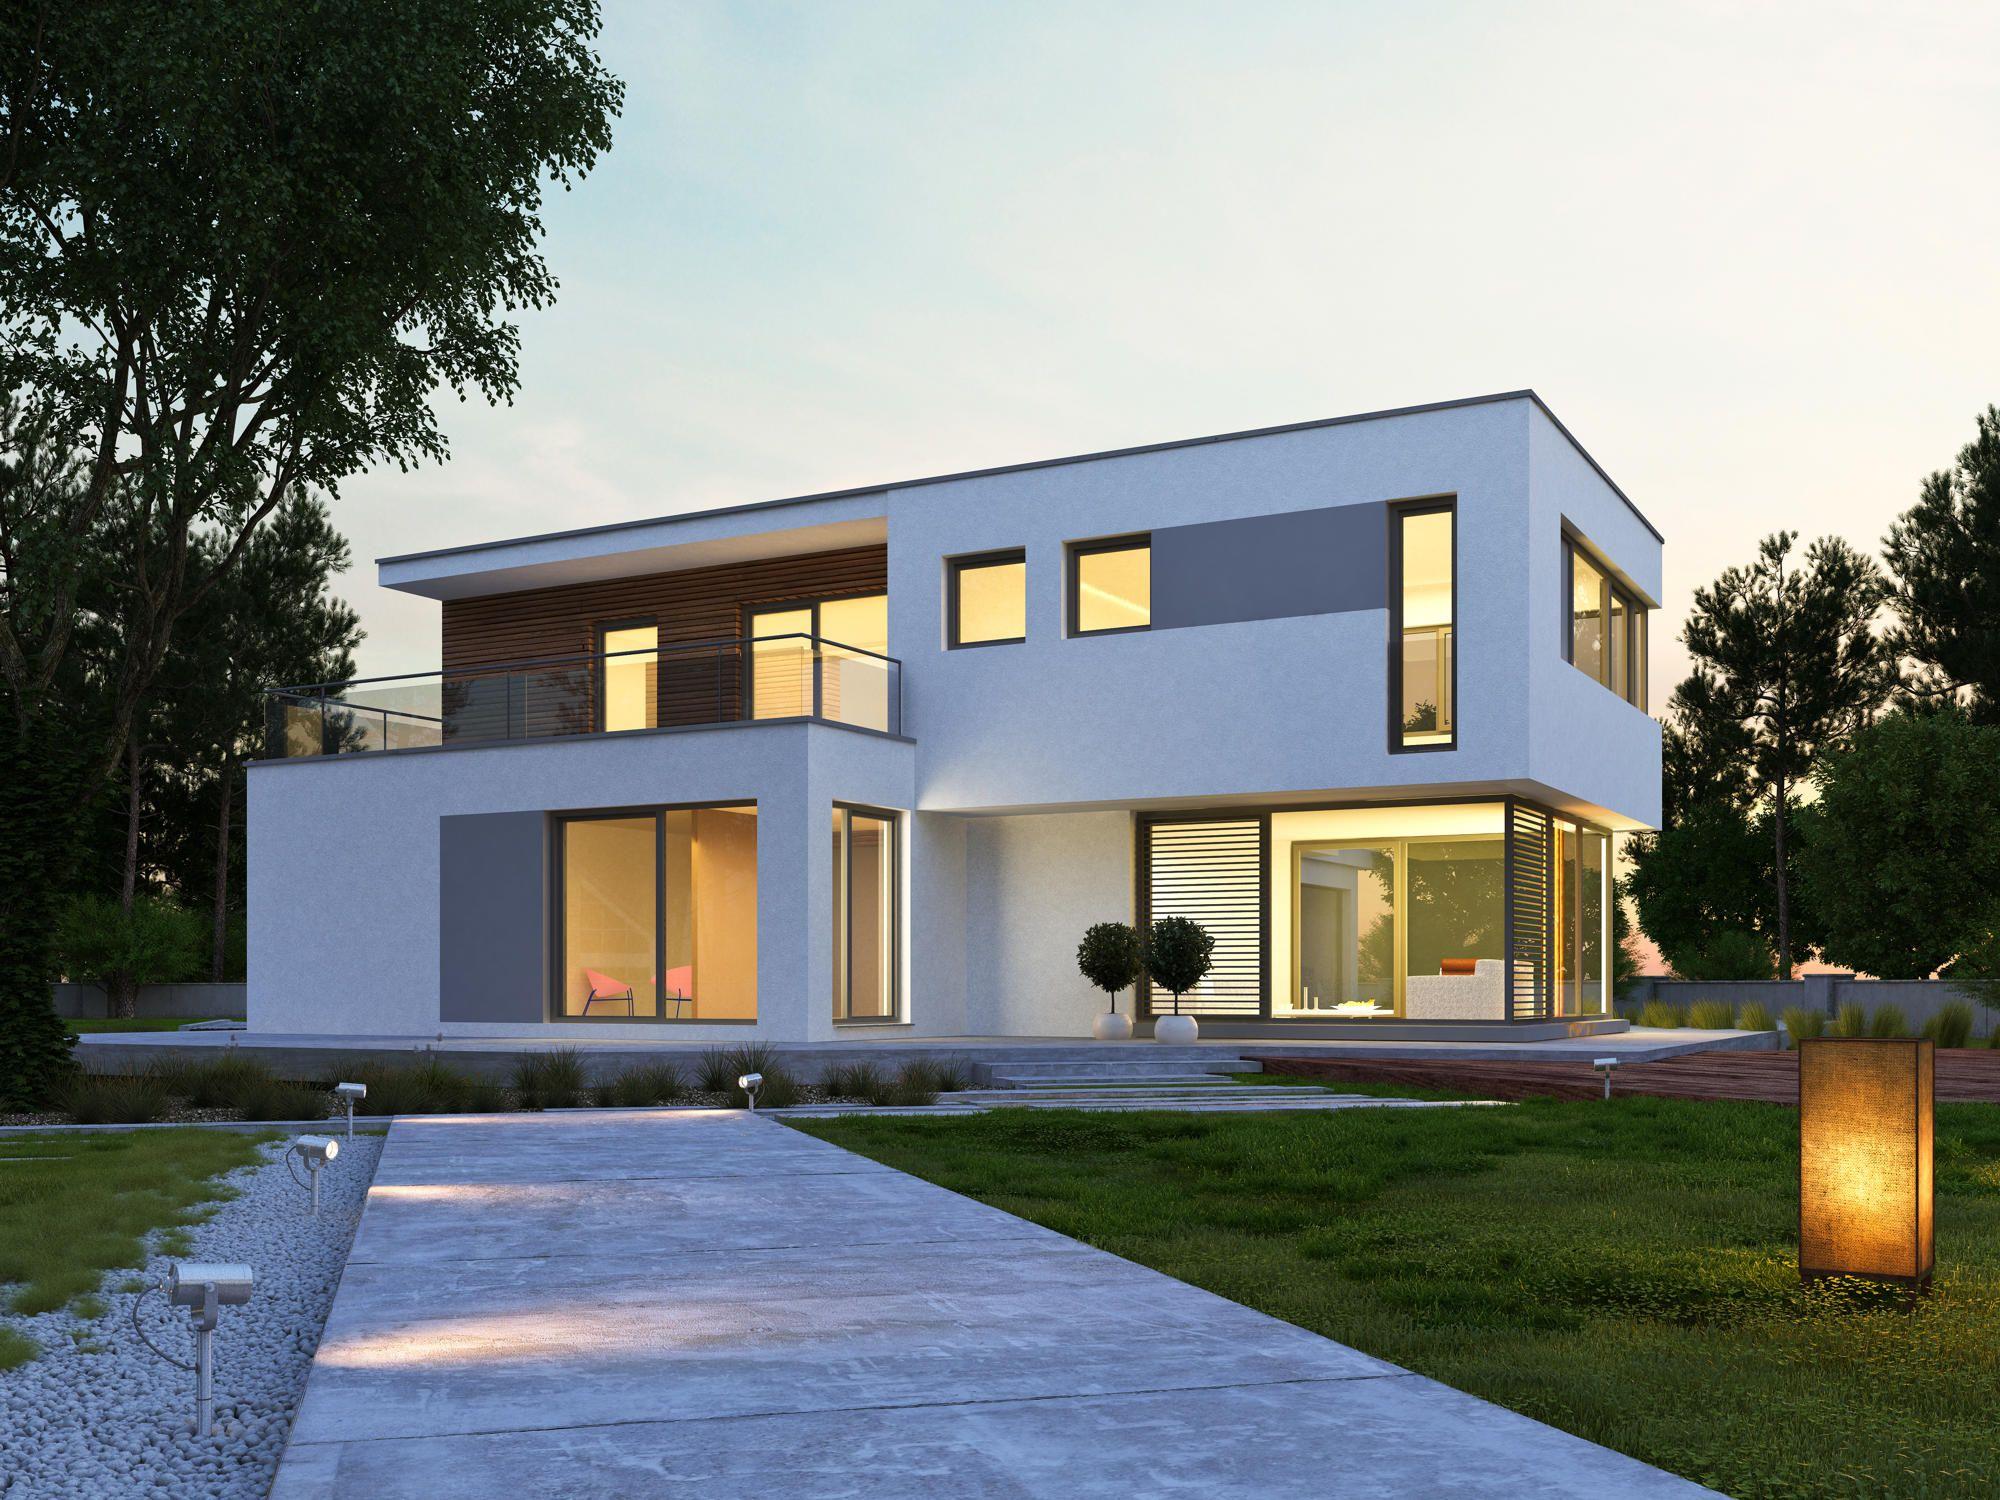 Dieses Architektenhaus mit über 200 m² Grundriss